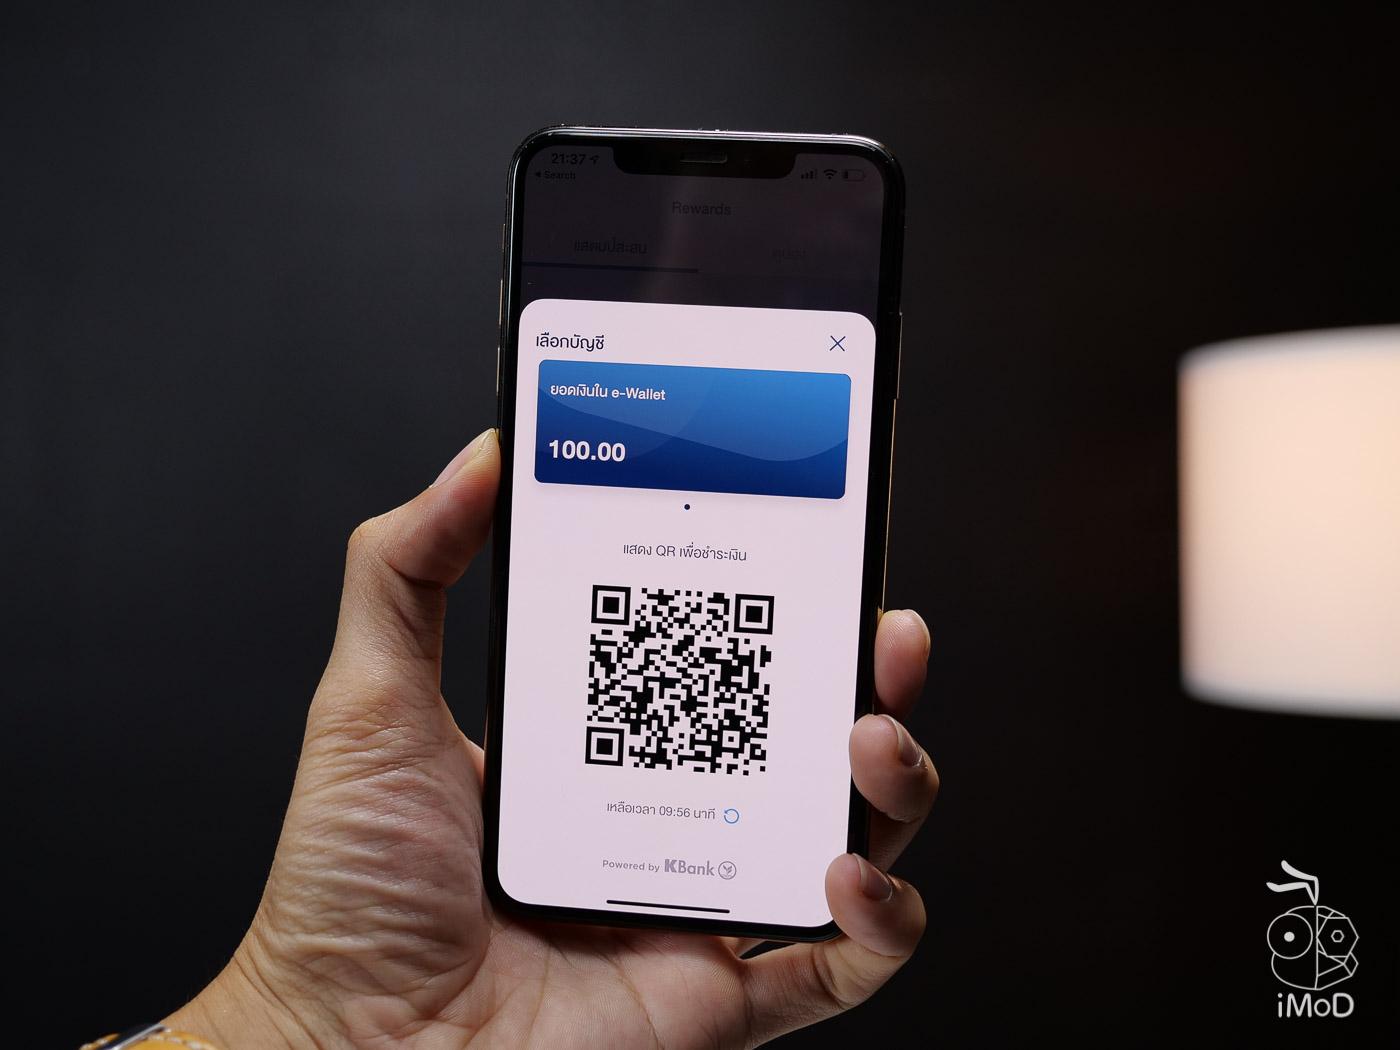 Ptt Blue Connect E Wallet Review 1011588